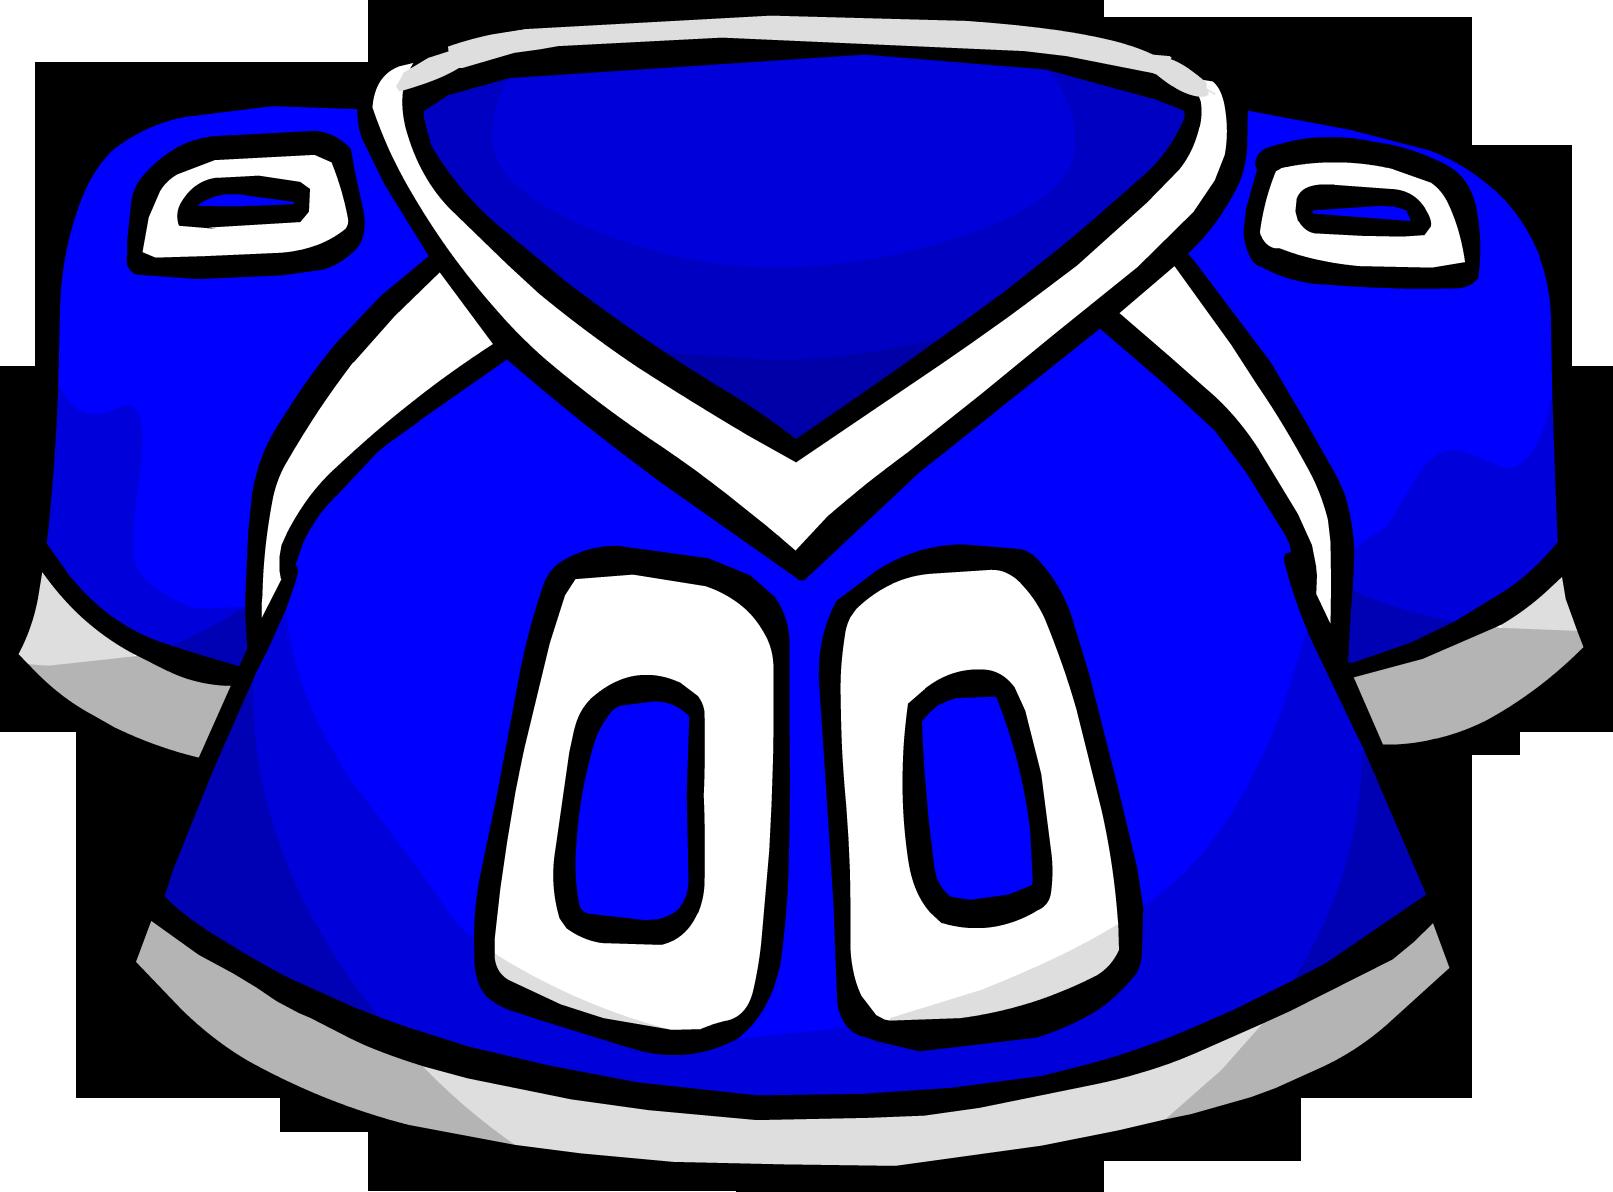 Clipart football jersey.